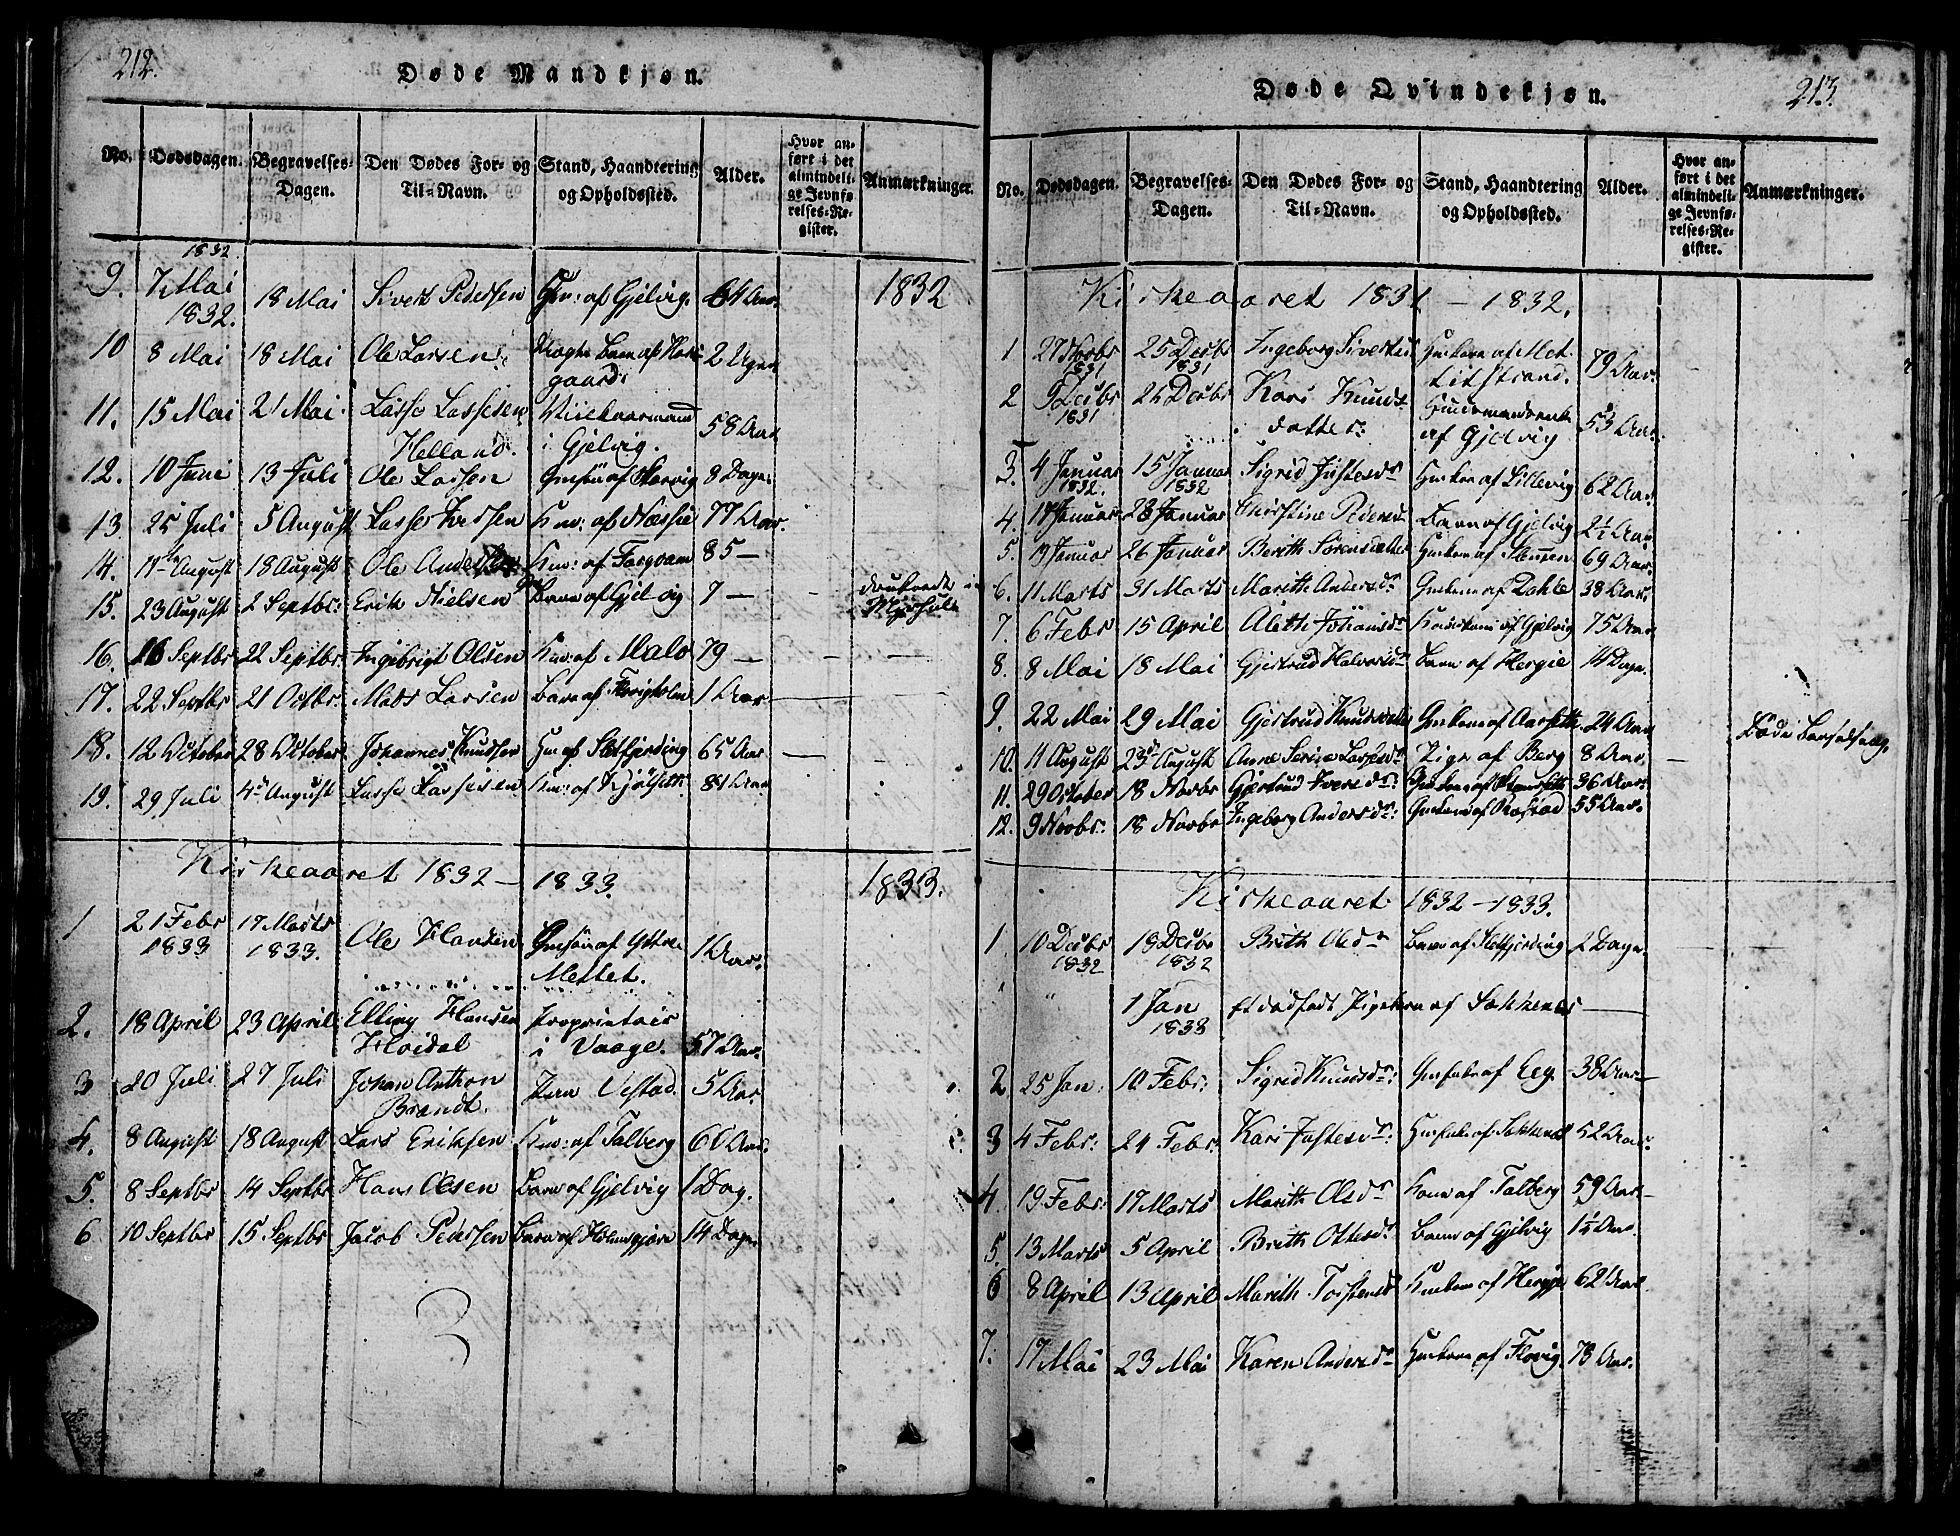 SAT, Ministerialprotokoller, klokkerbøker og fødselsregistre - Møre og Romsdal, 547/L0602: Ministerialbok nr. 547A04, 1818-1845, s. 212-213